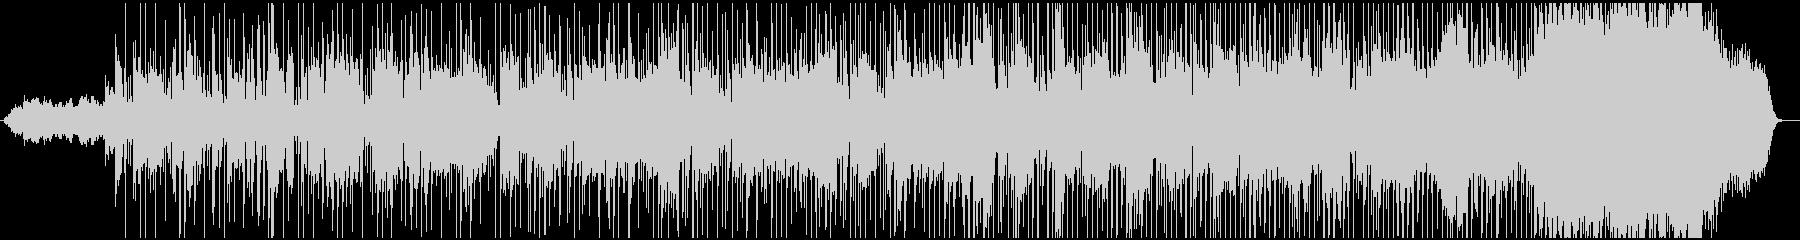 印象的なピアノのメロディとソロプレイの未再生の波形